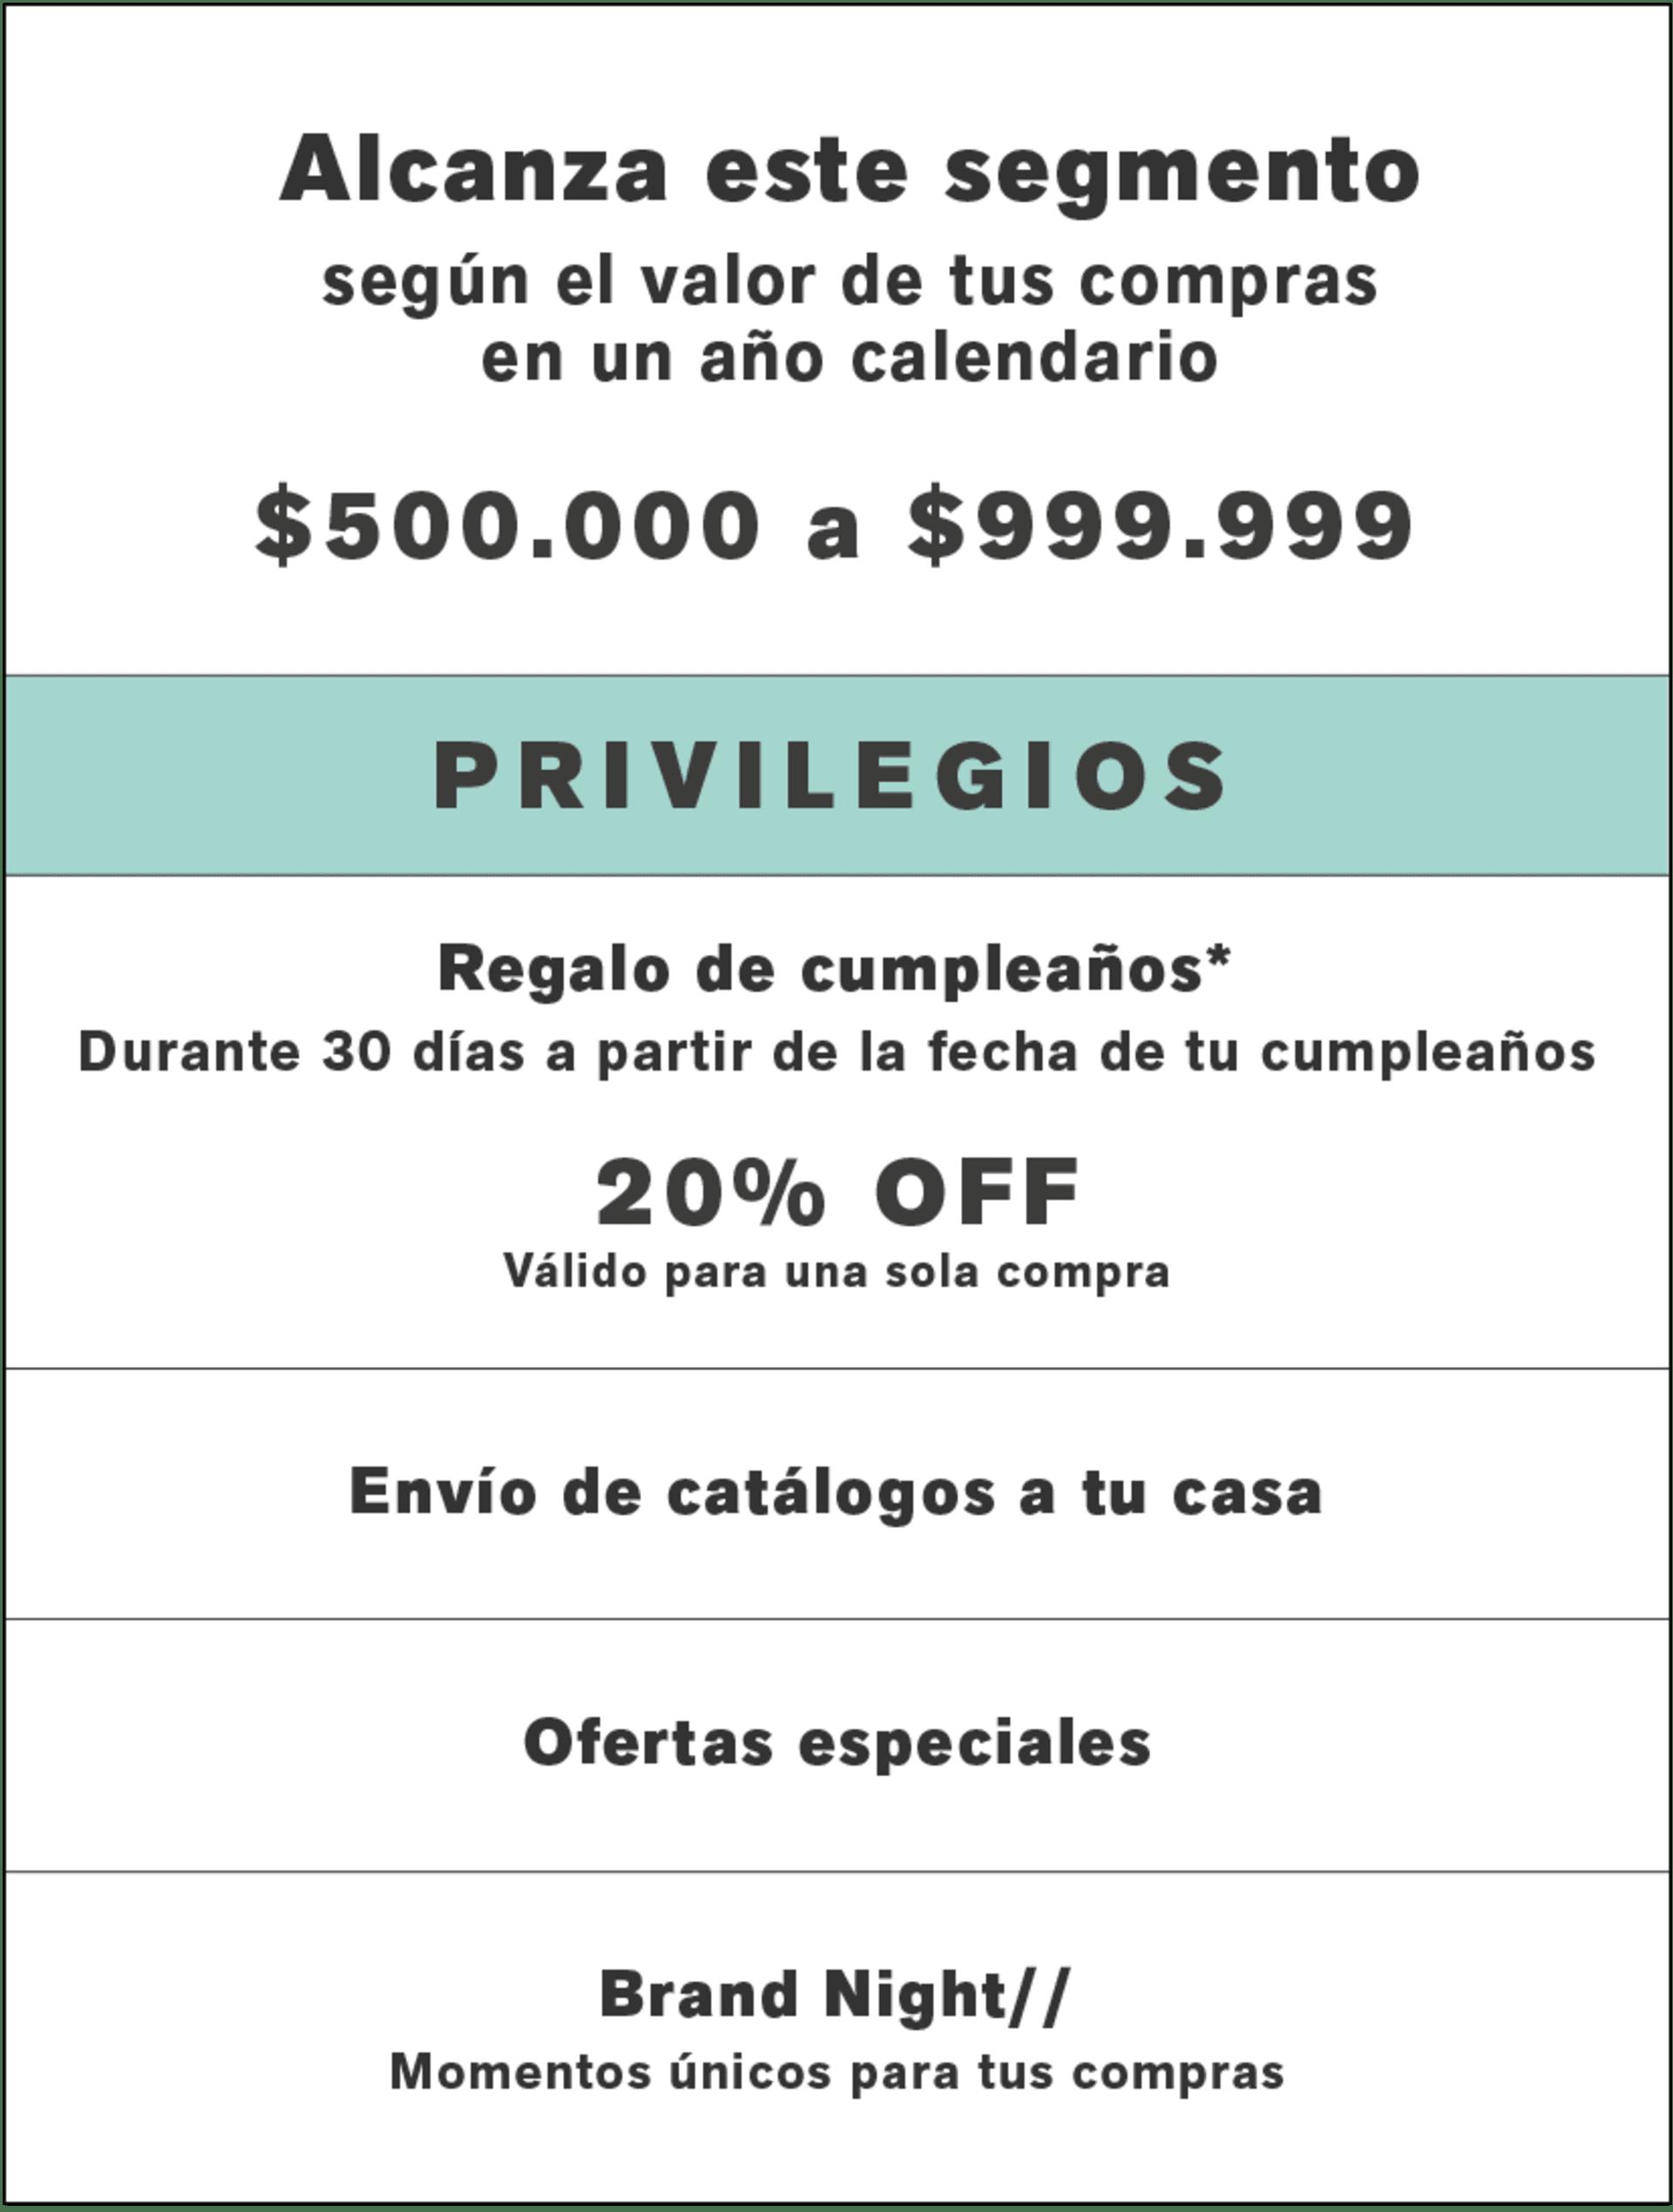 Plata - Privilegios Leonisa